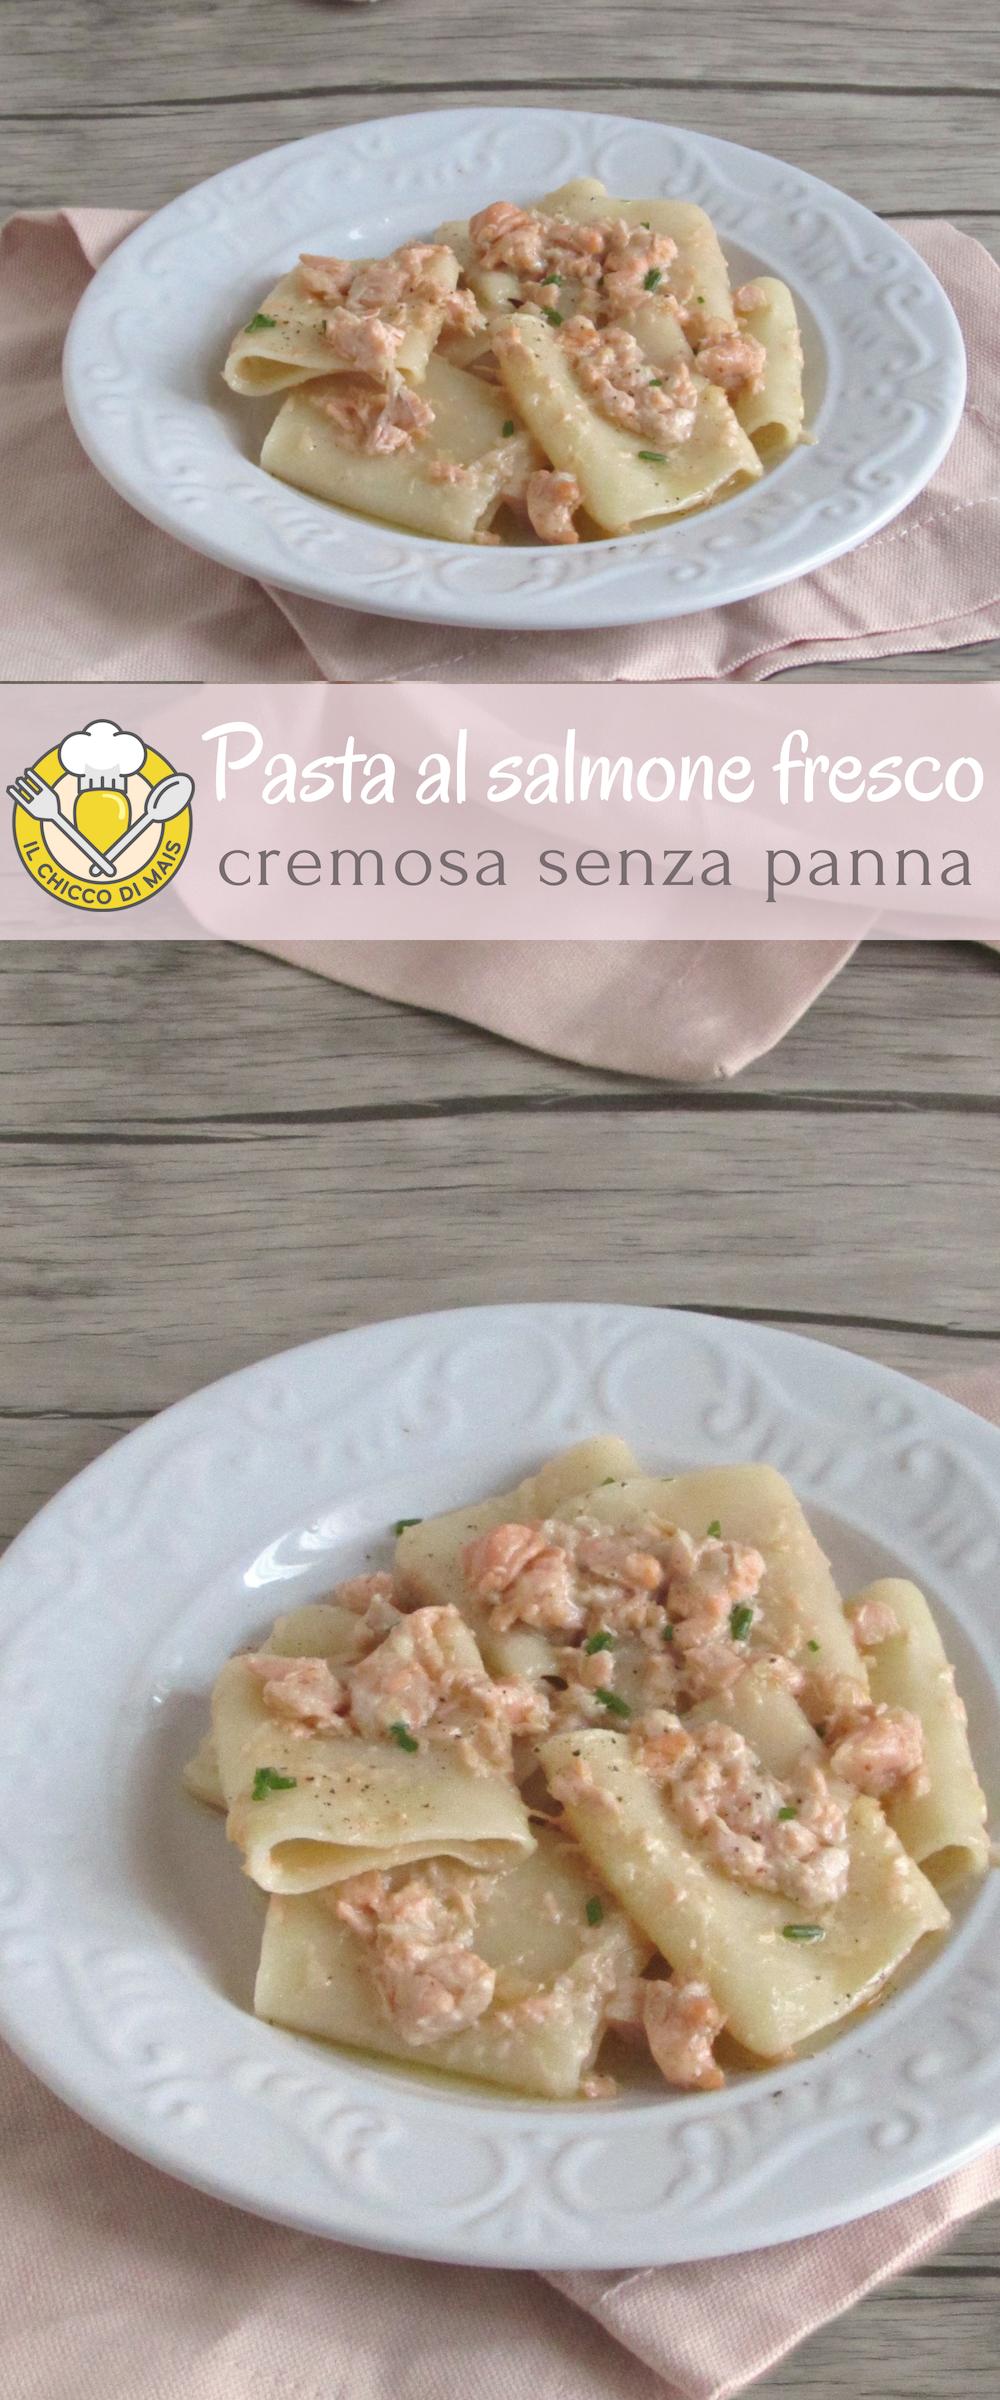 0a648e894d9b84f59bc69ad1c6892f71 - Pasta Al Salmone Ricette